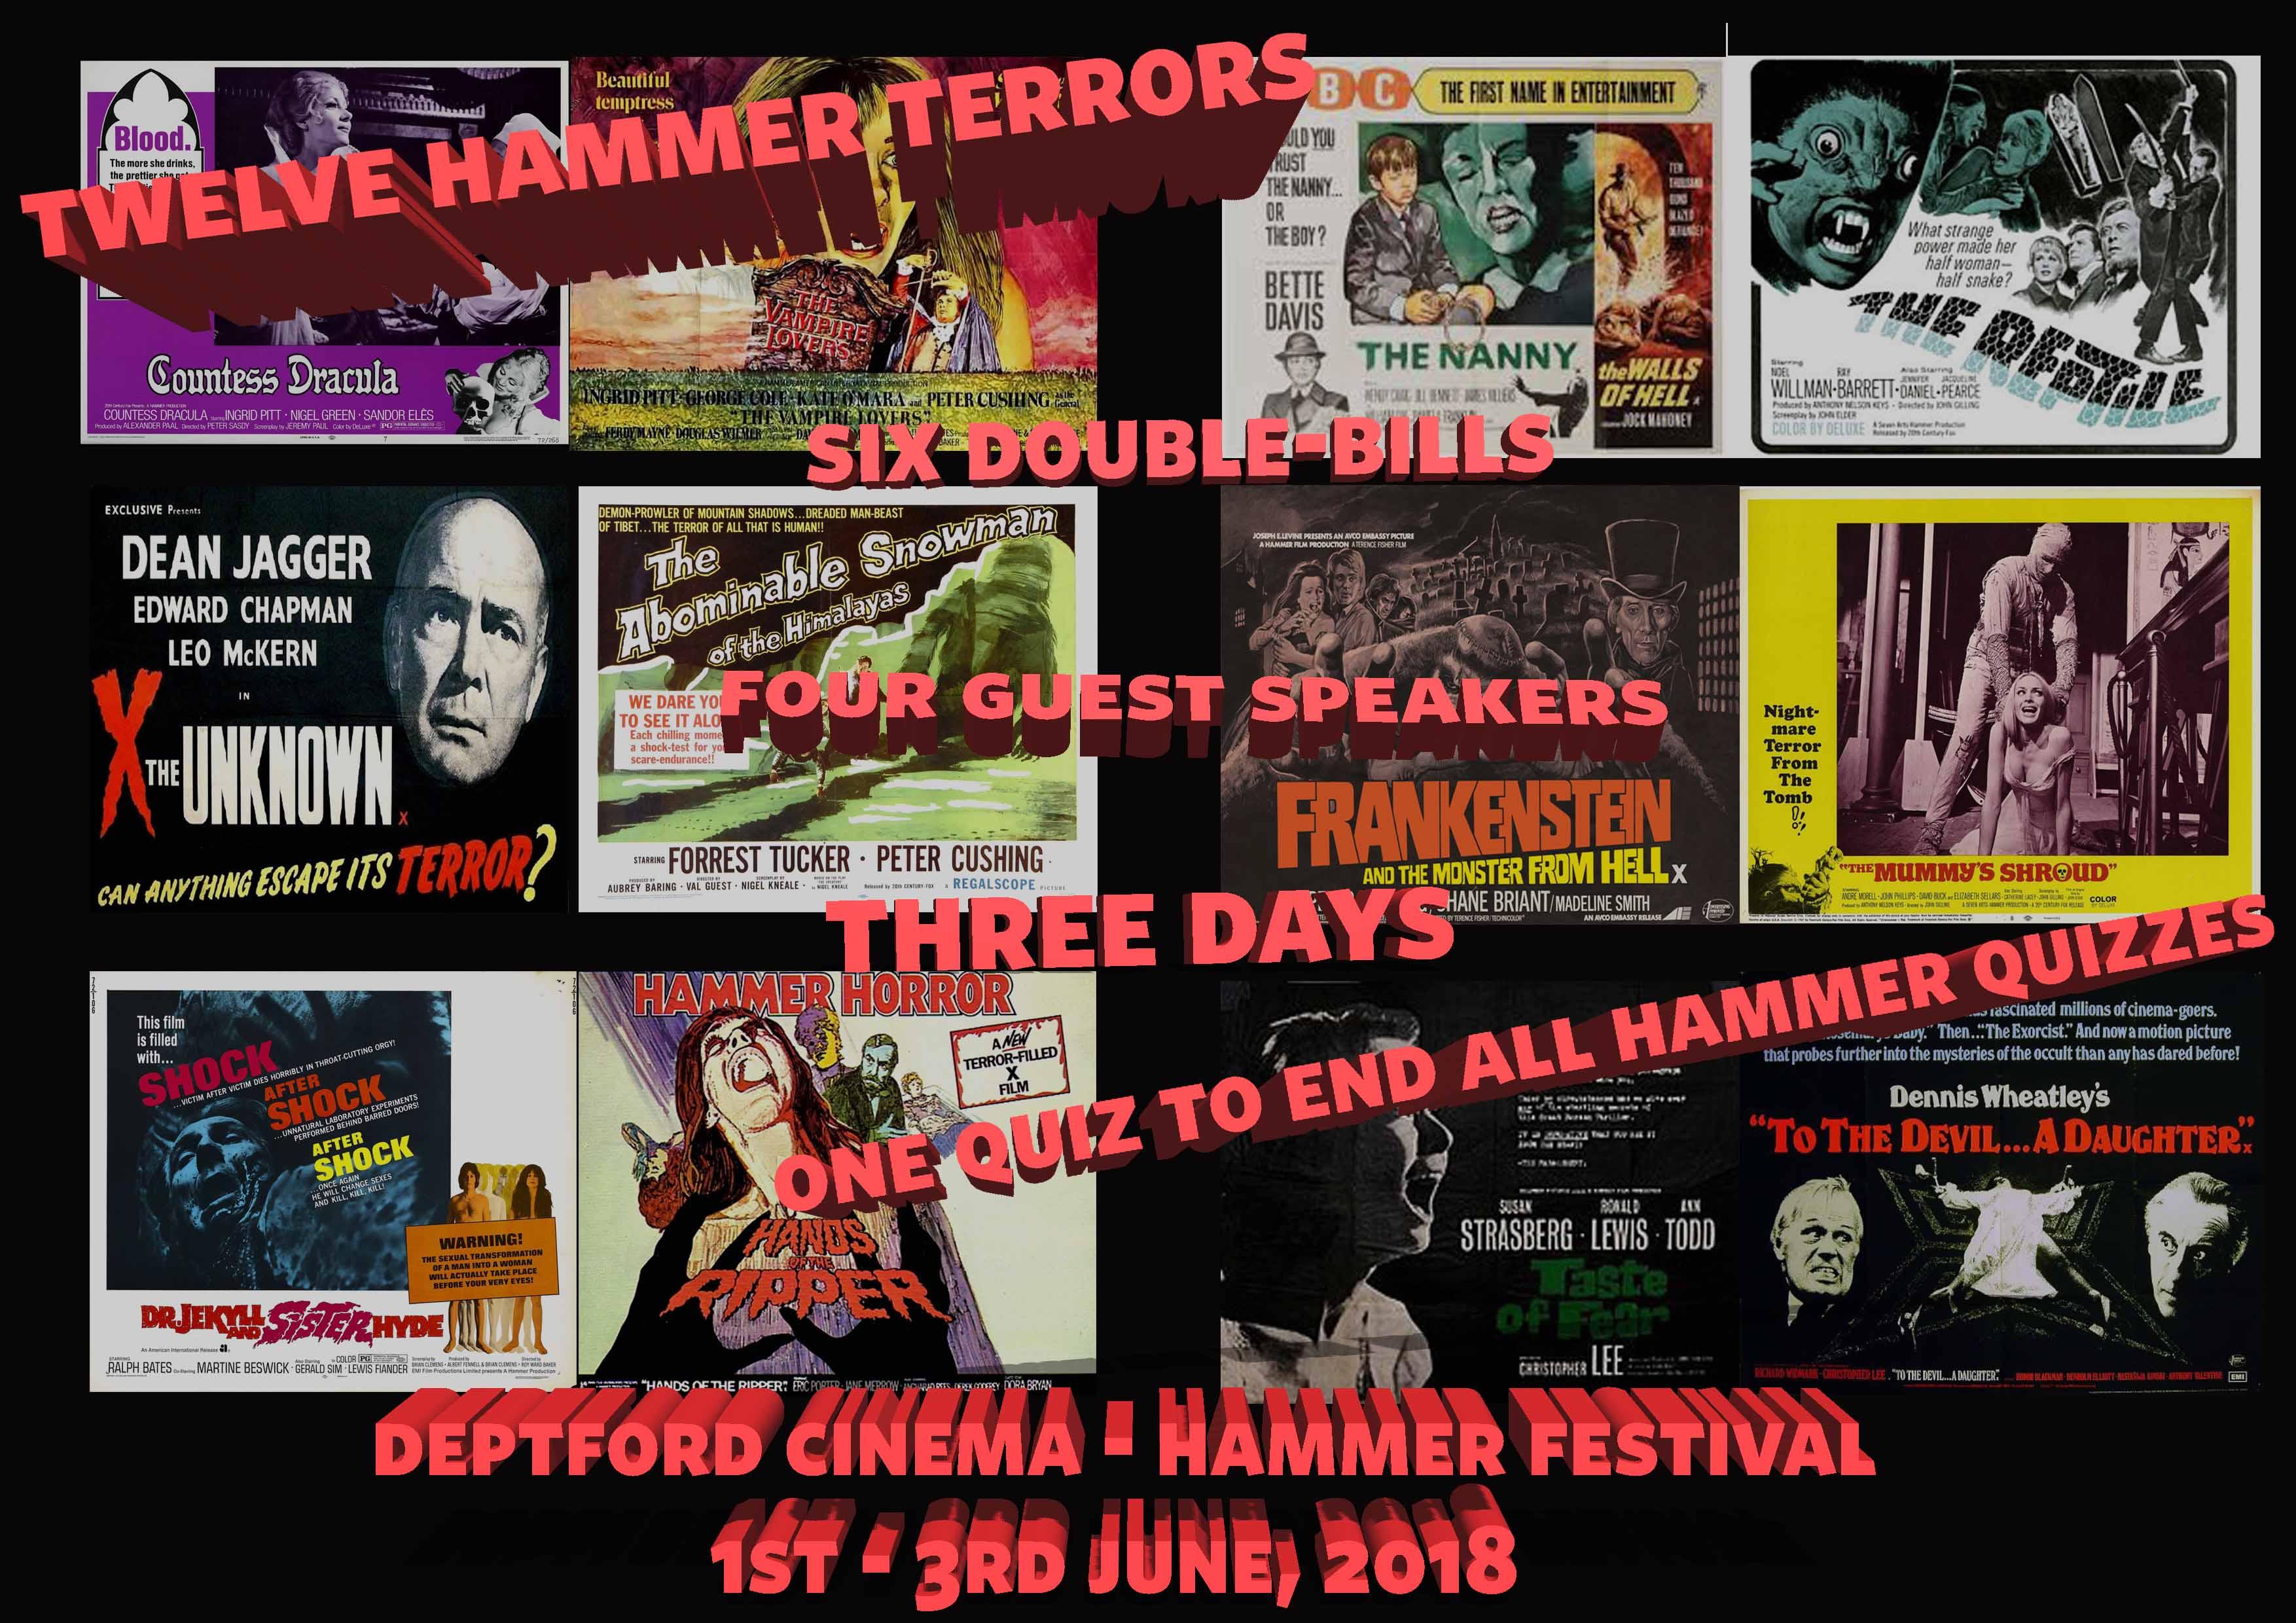 HAMMER FESTIVAL